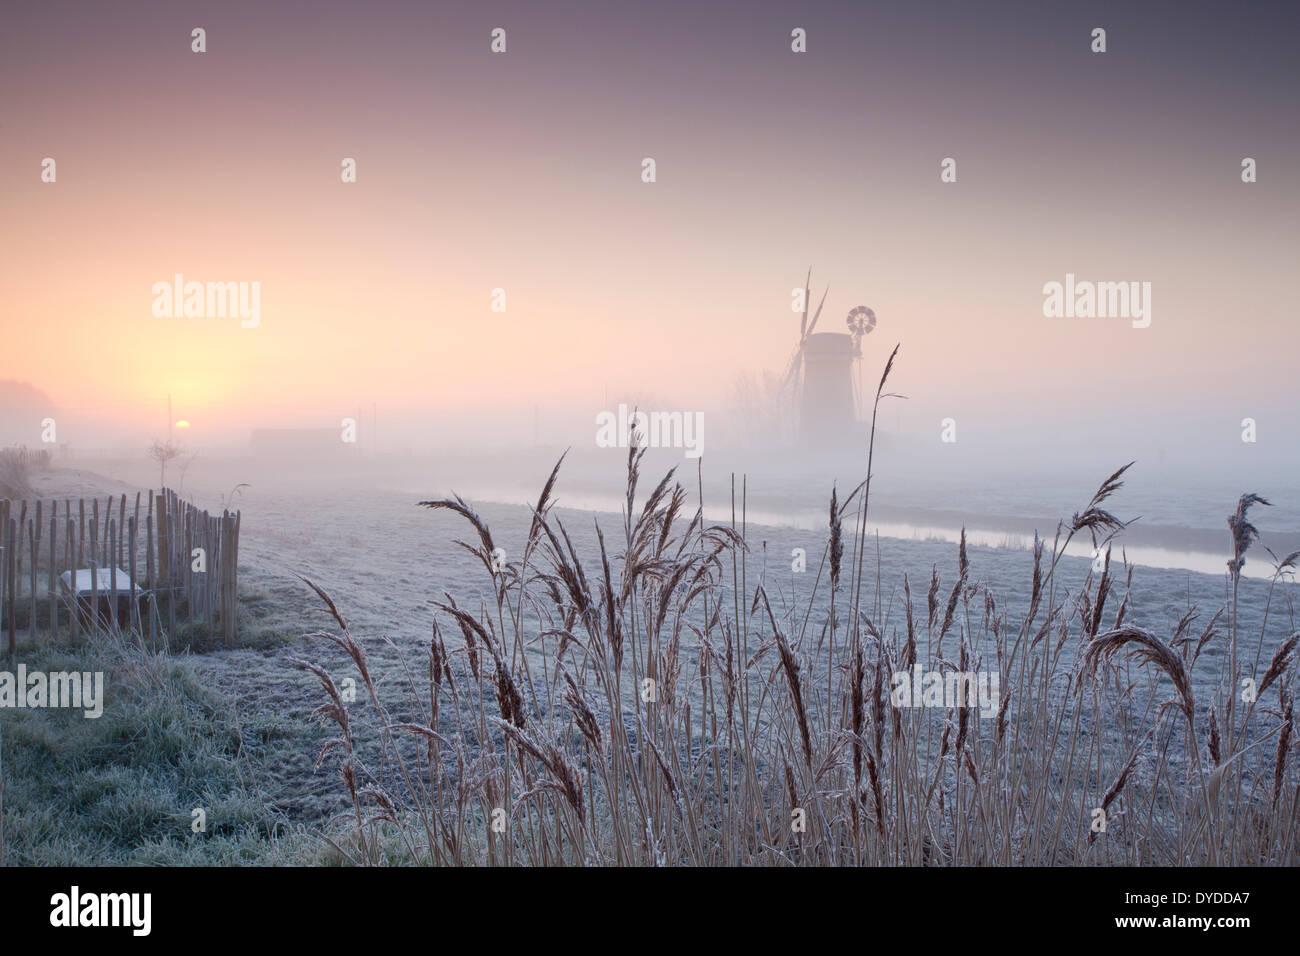 Horsey Drainage-Mühle bei Sonnenaufgang an einem Wintermorgen. Stockbild